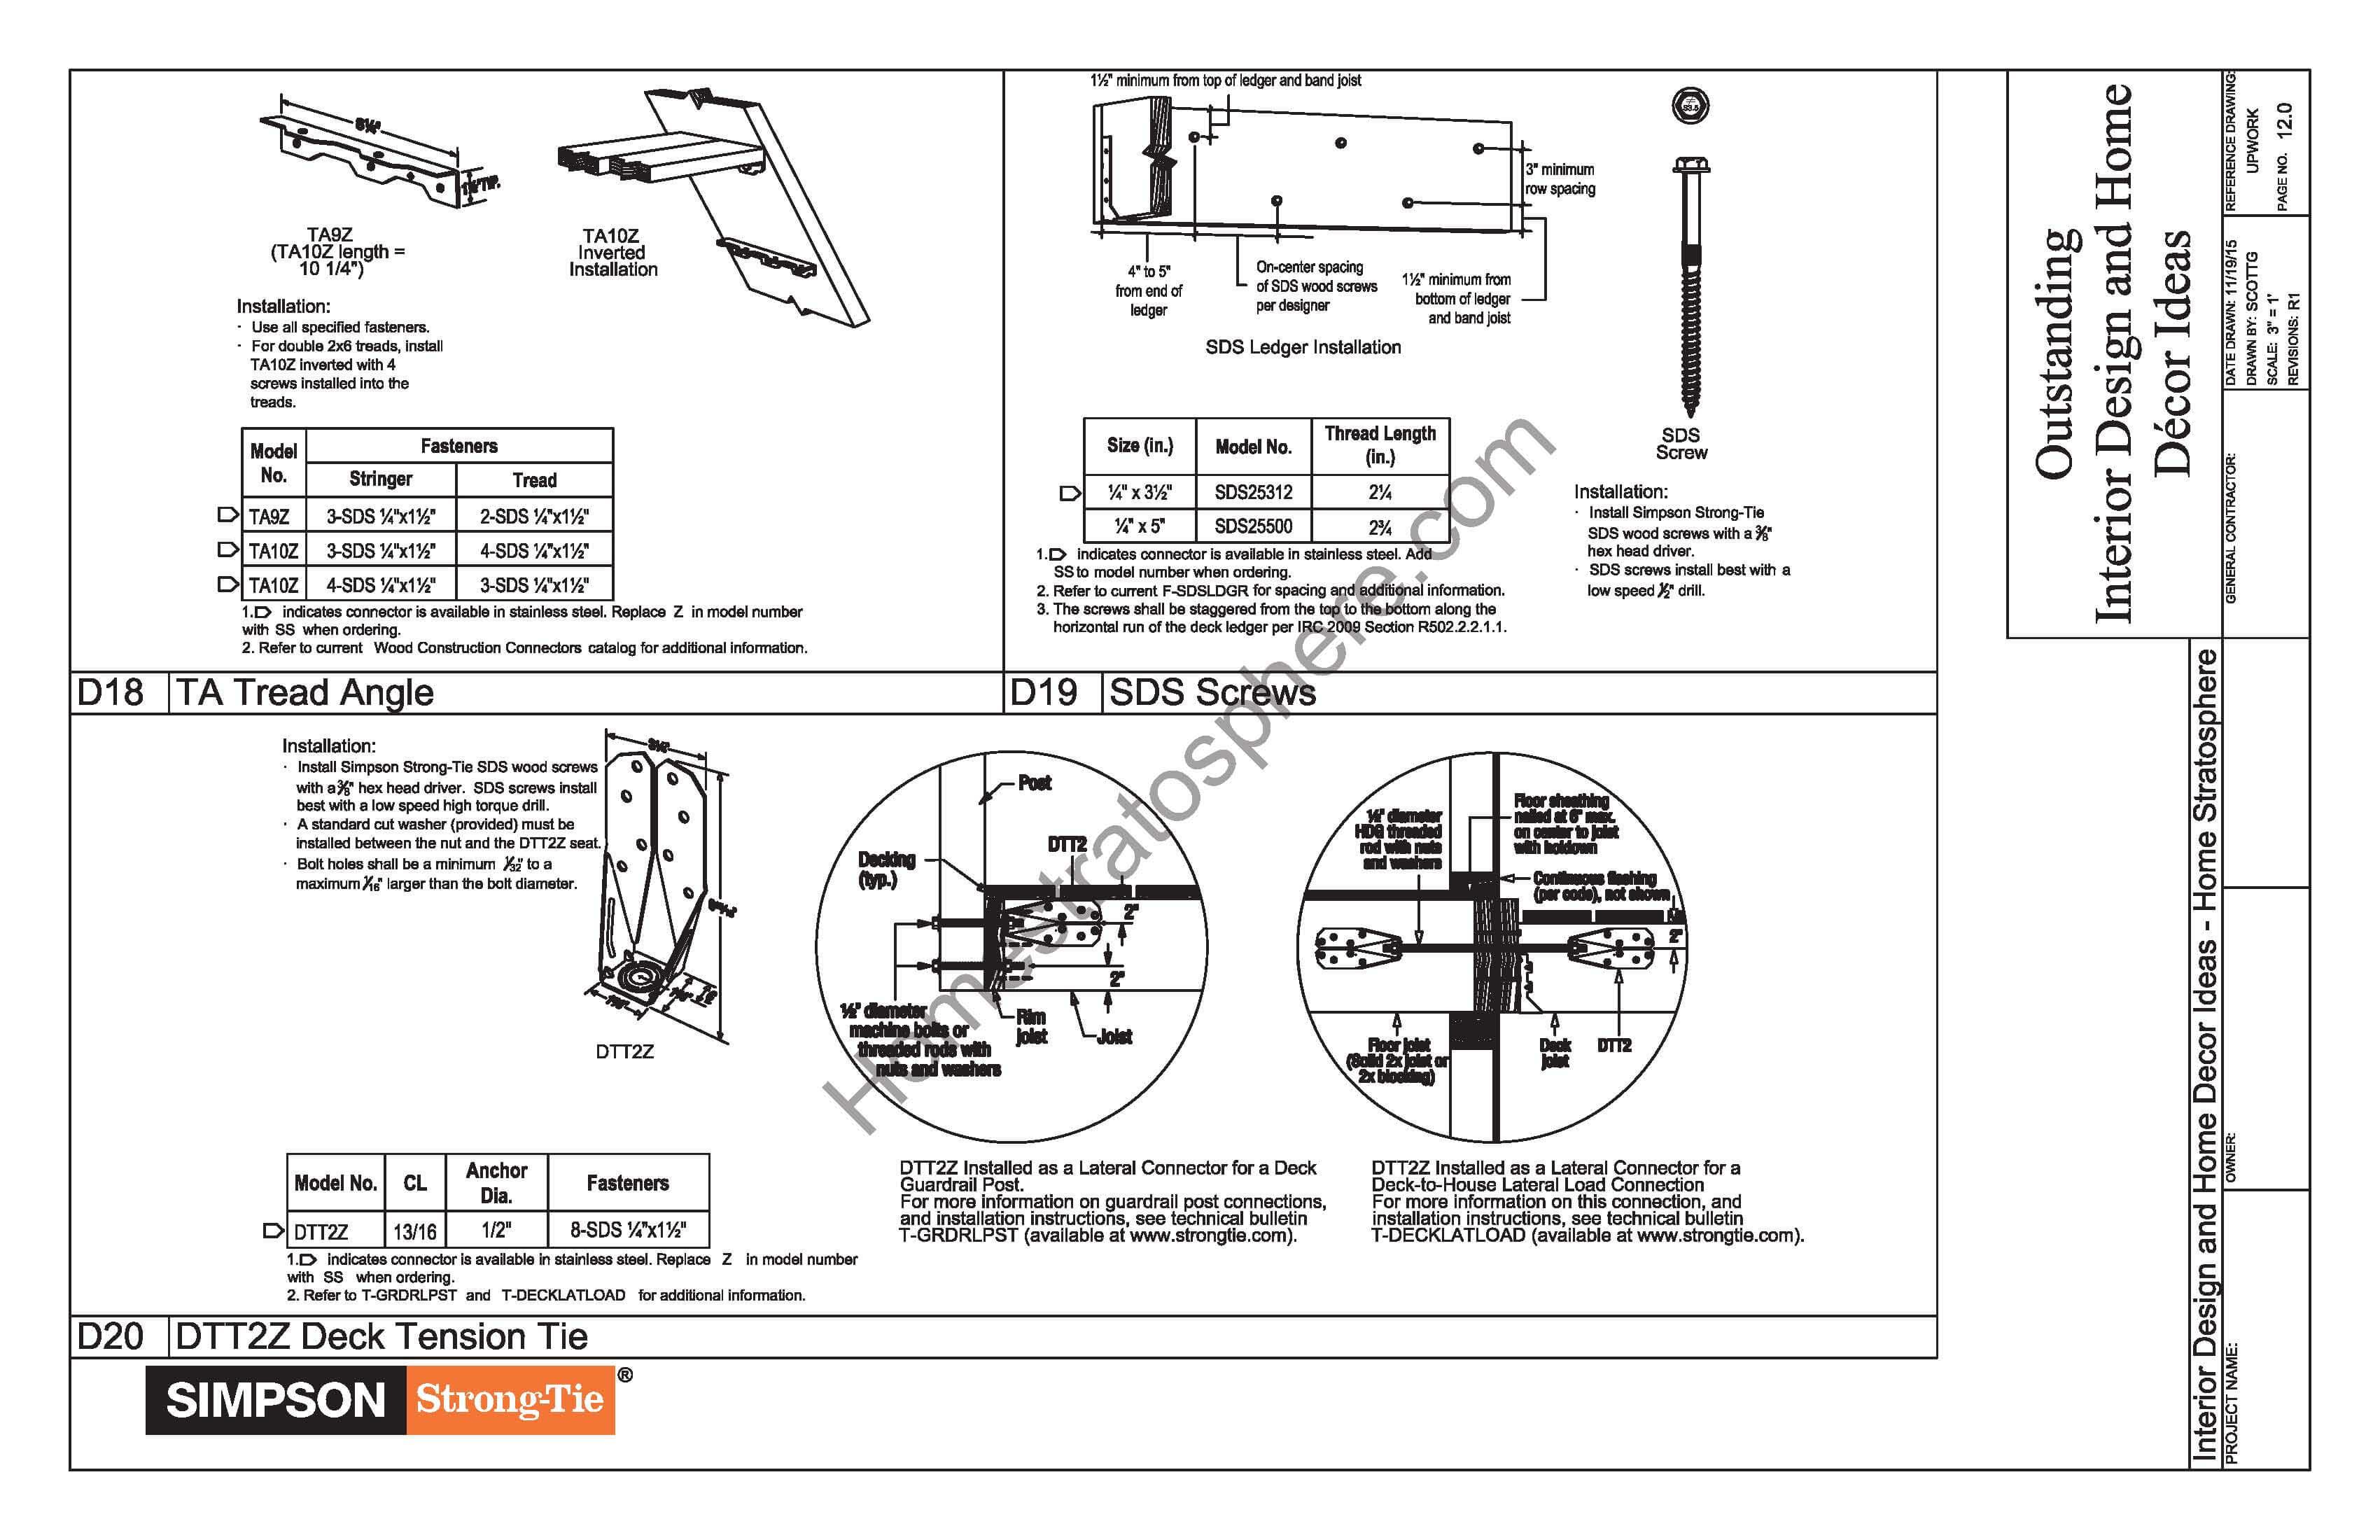 Hot Tub Deck Design Plan Free Pdf Download